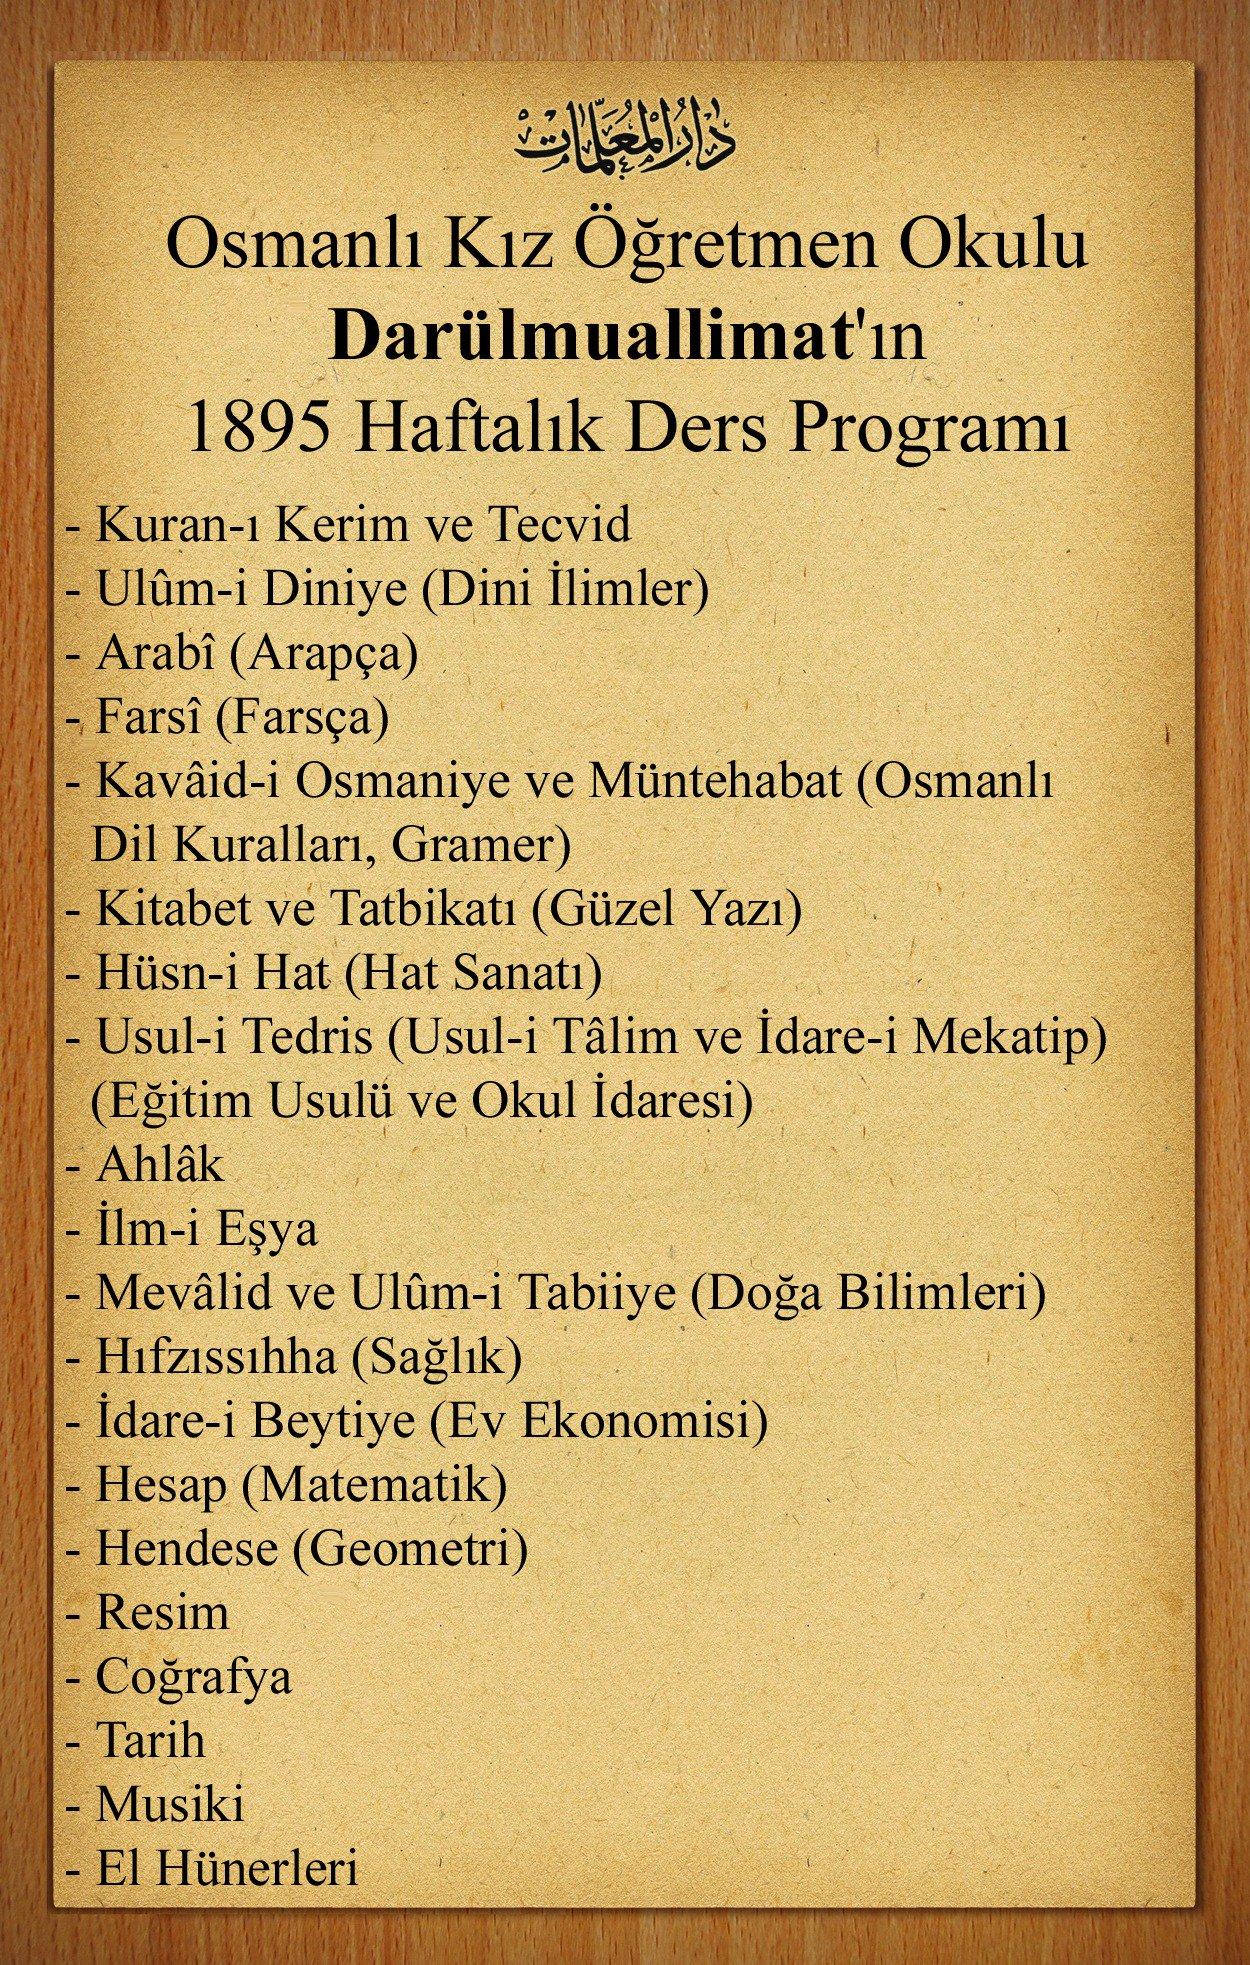 Osmanlı Kız Öğretmen Okulu Darülmuallimat'ın 1895 Haftalık Ders Programı https://t.co/y6stSHaQUa